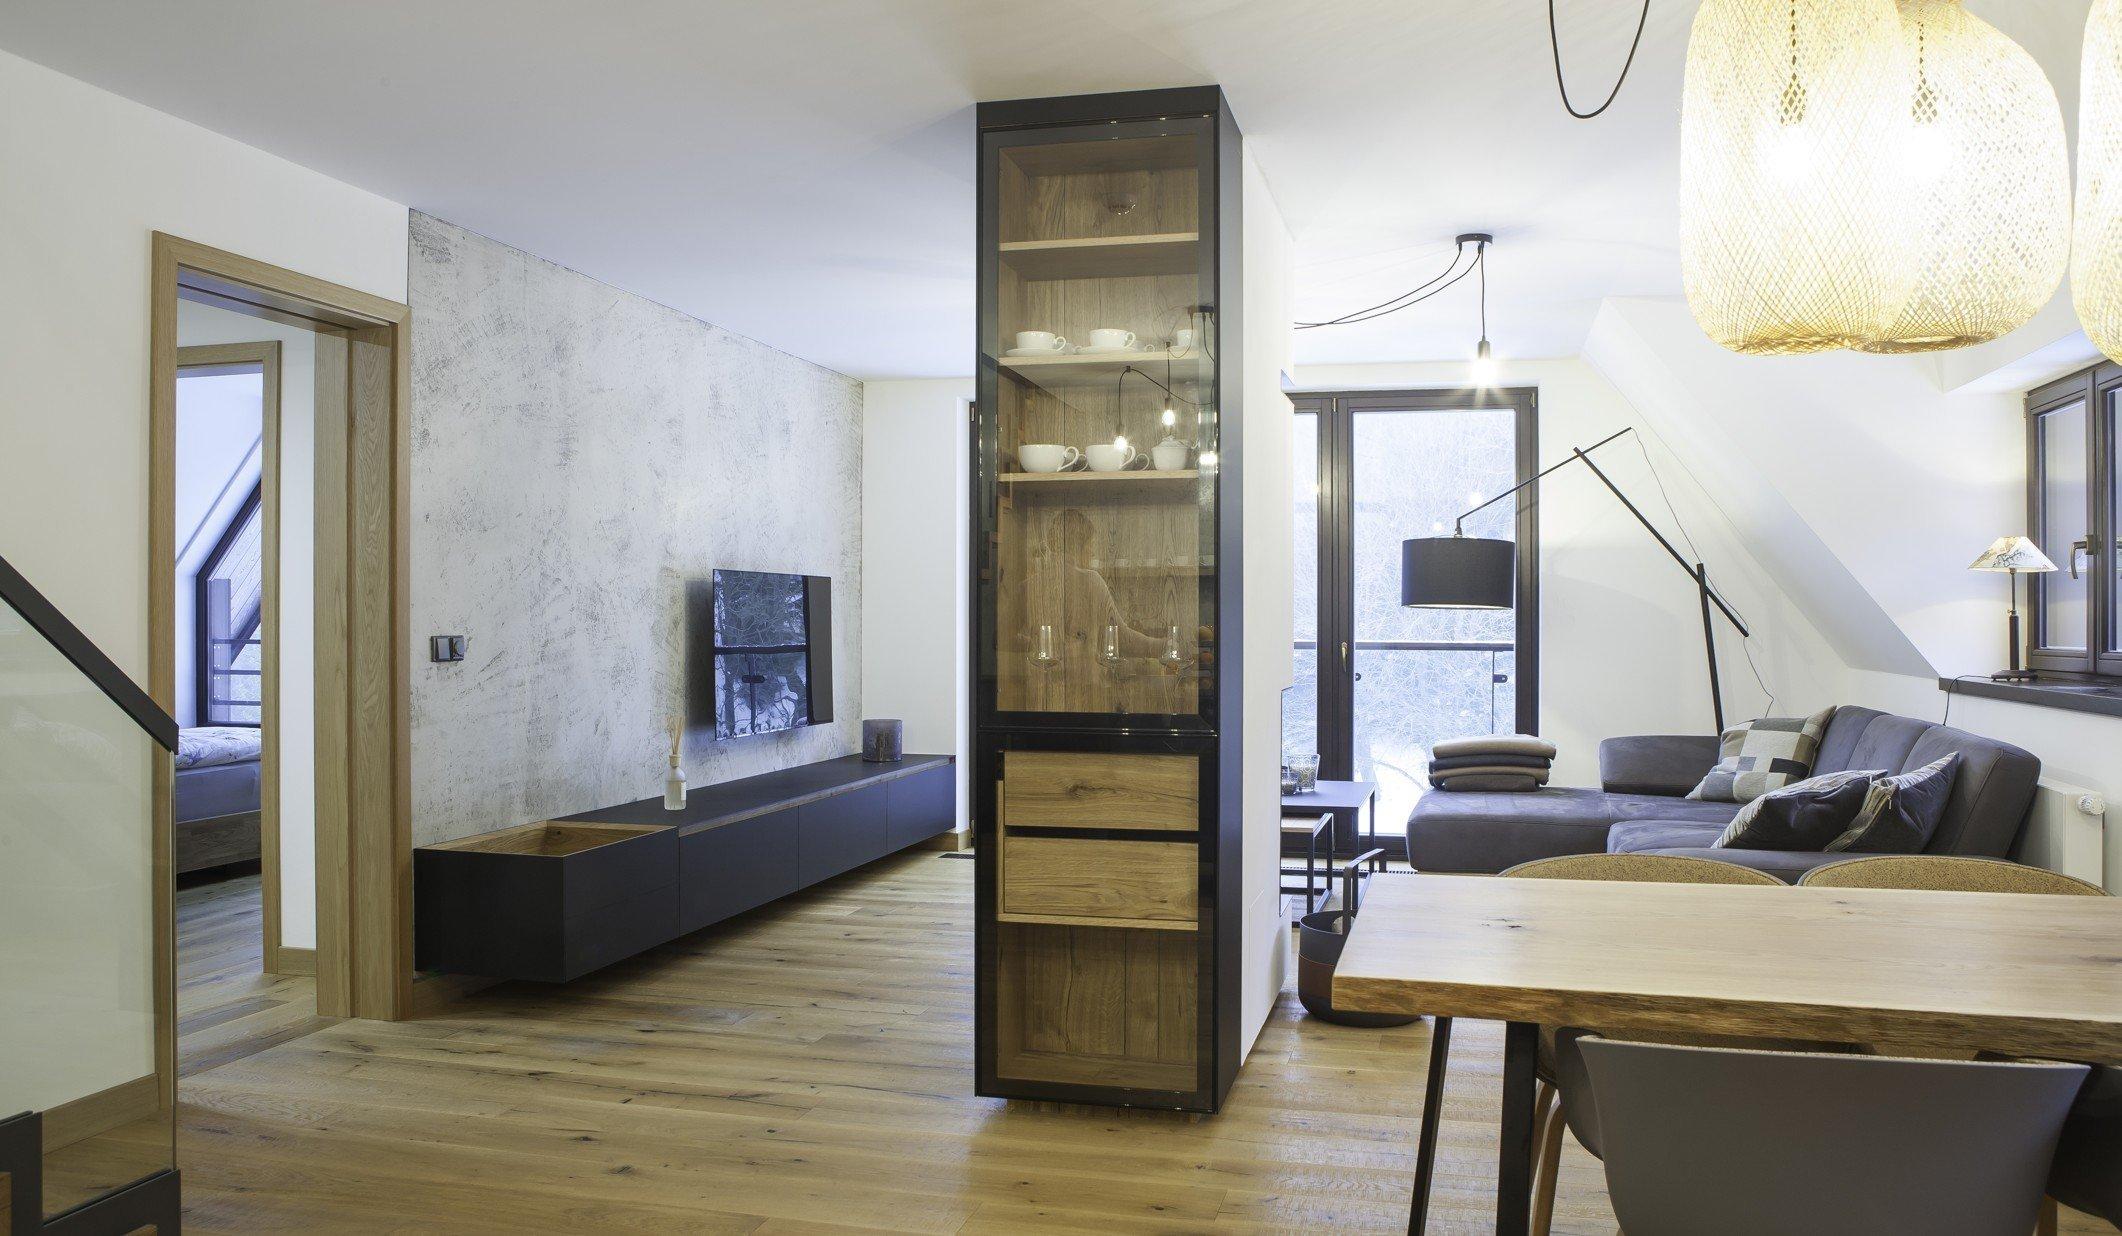 Ložnice rodičů a koupelna tvoří velkorysý prostor s minimem nábytku. Koupelna je od ložnice oddělená skleněnou stěnou.  V kuchyni matná šedá a černá příjemně…